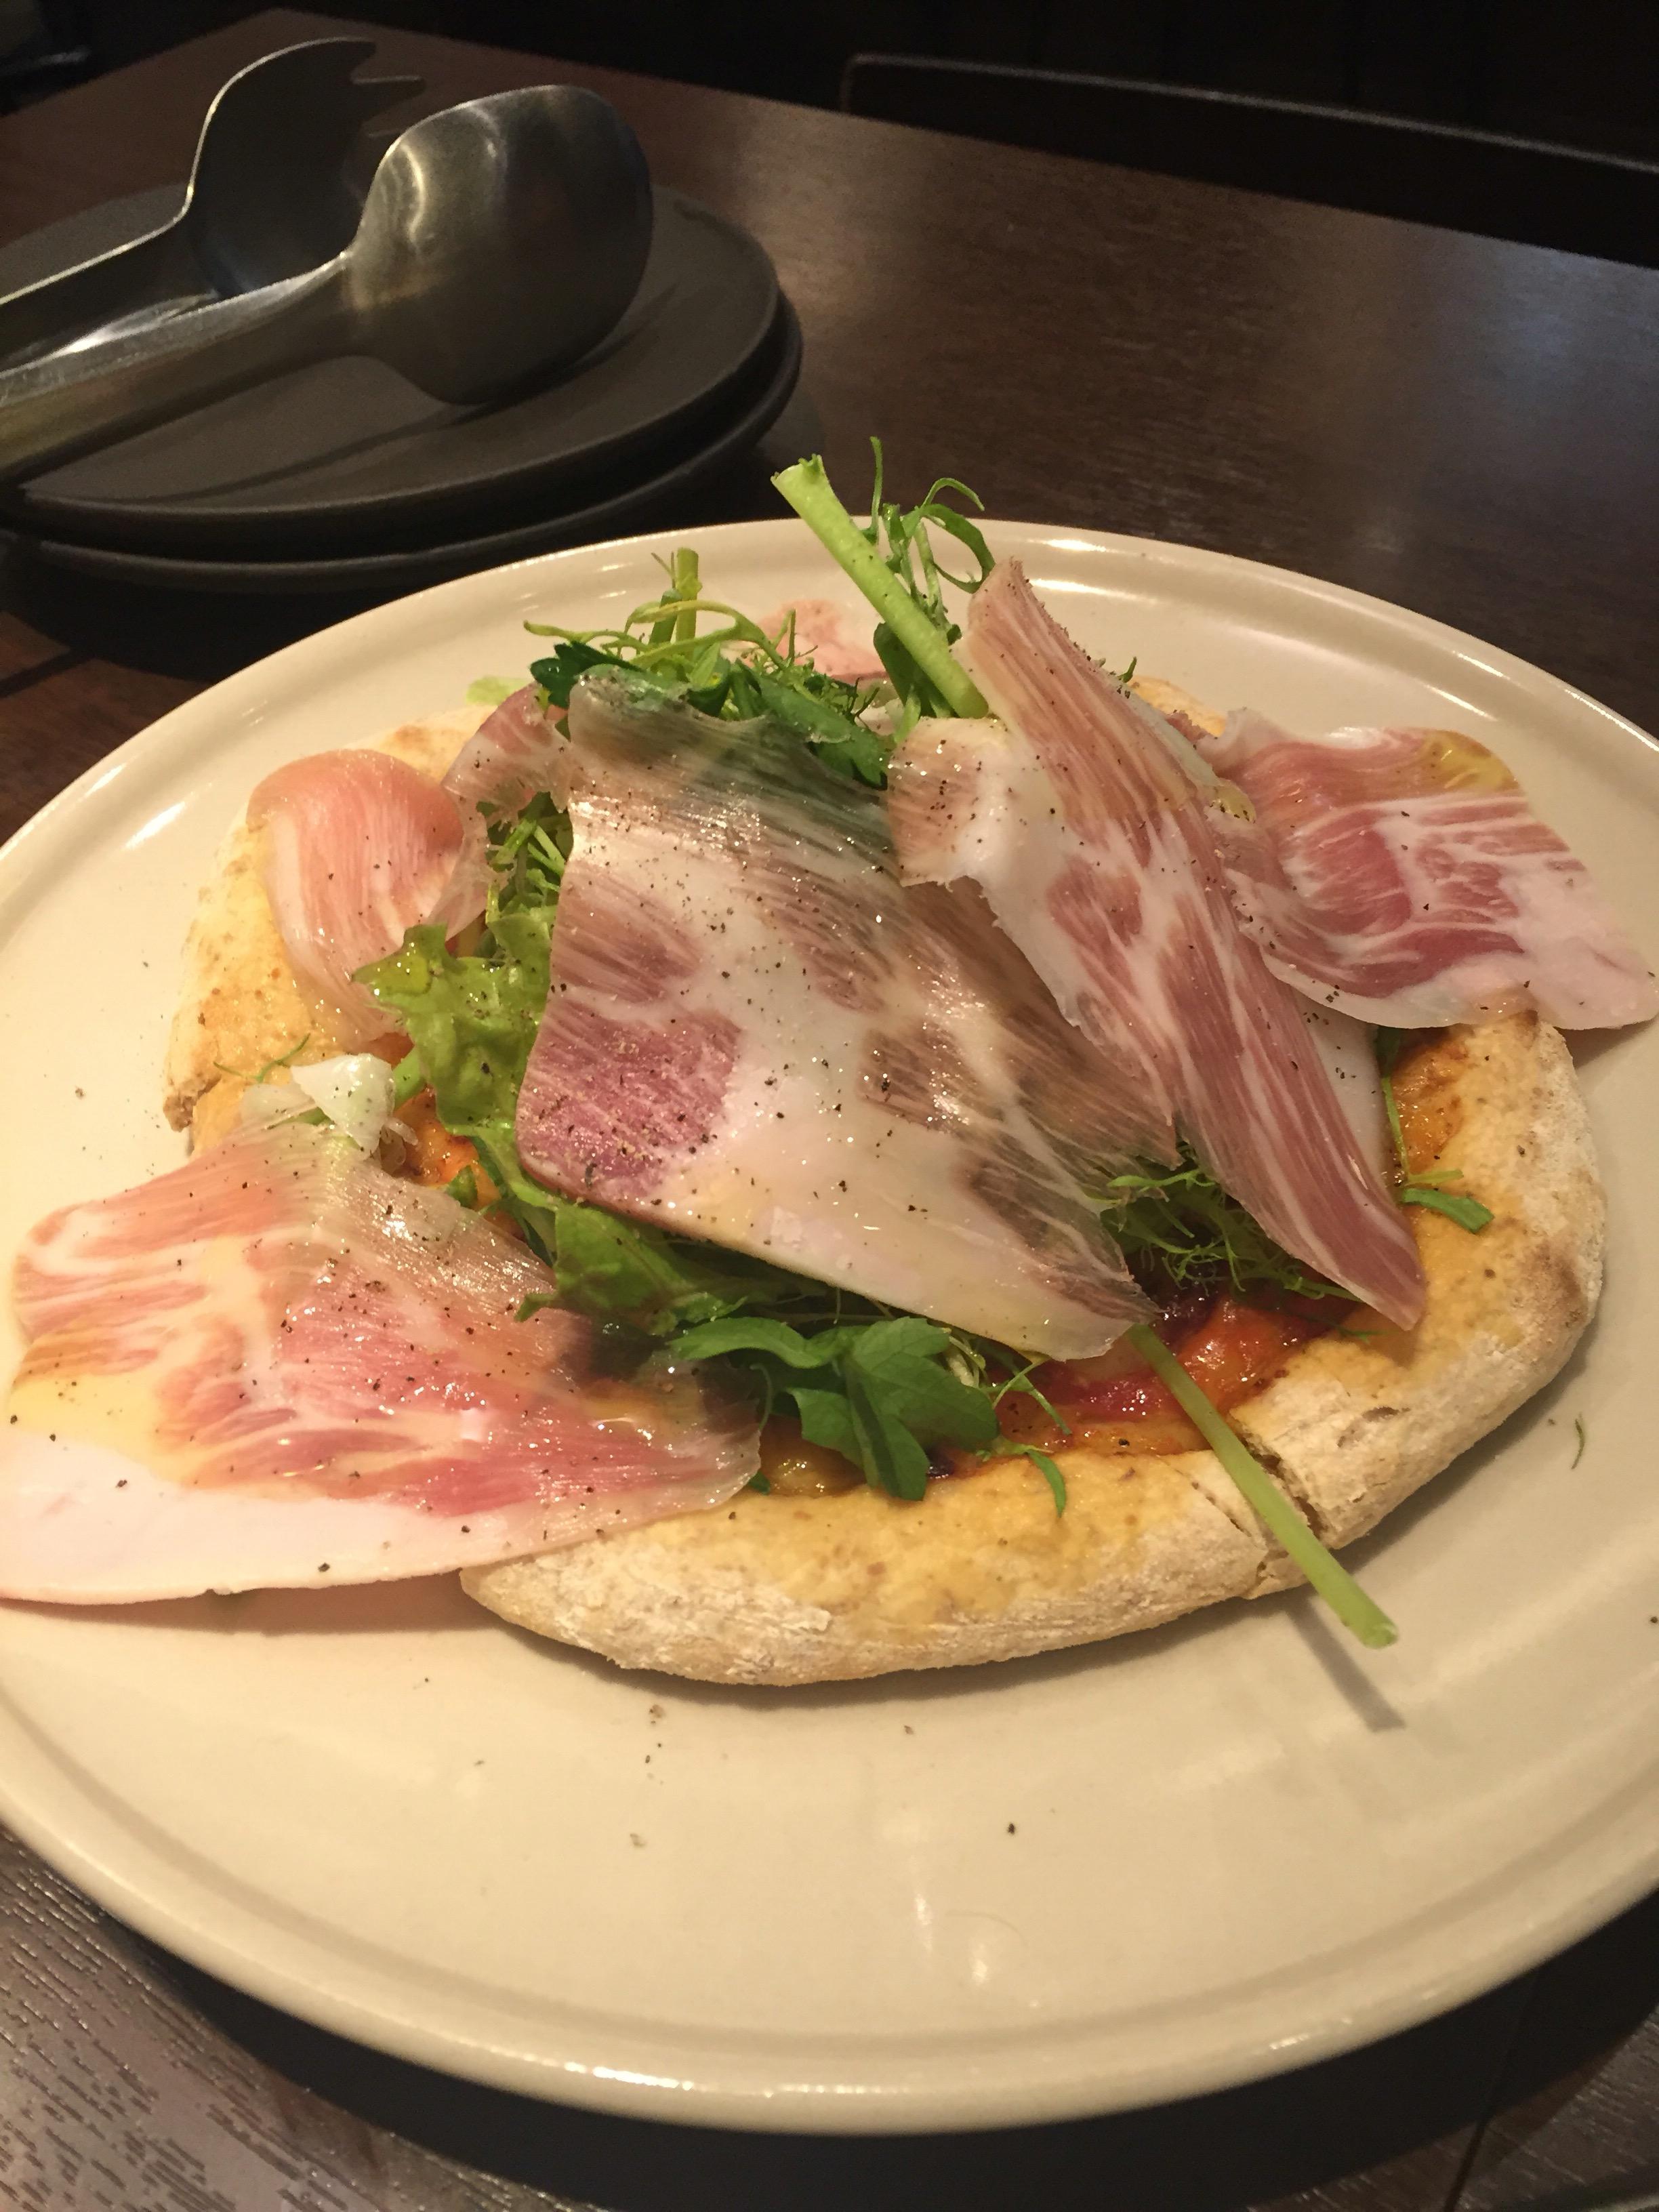 kuh 生ハムと野菜のピザ